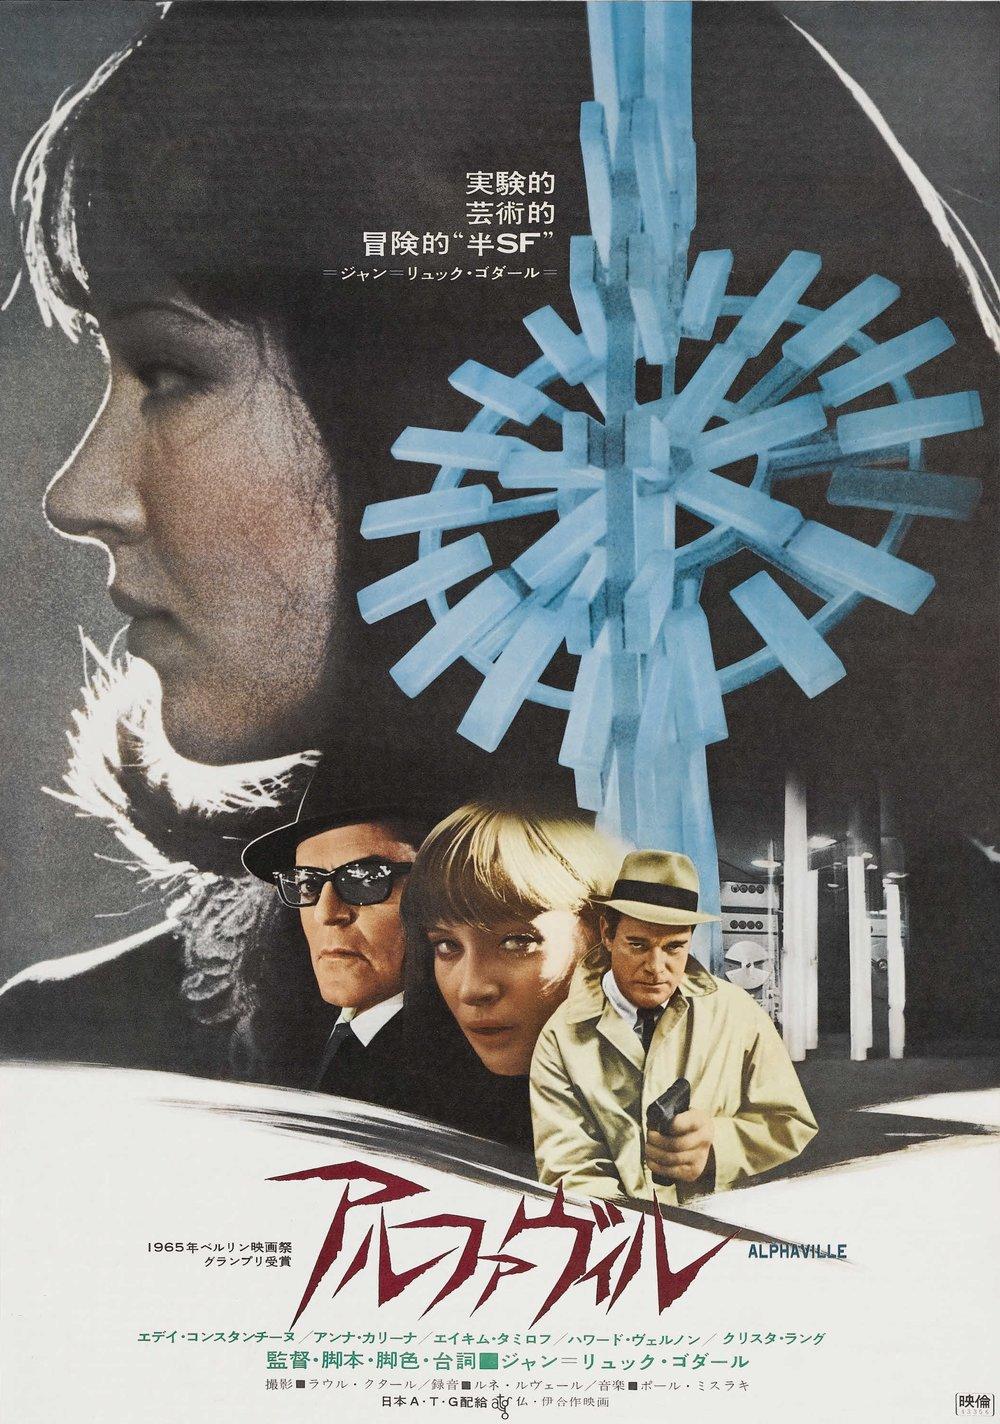 Alphaville Japanese poster